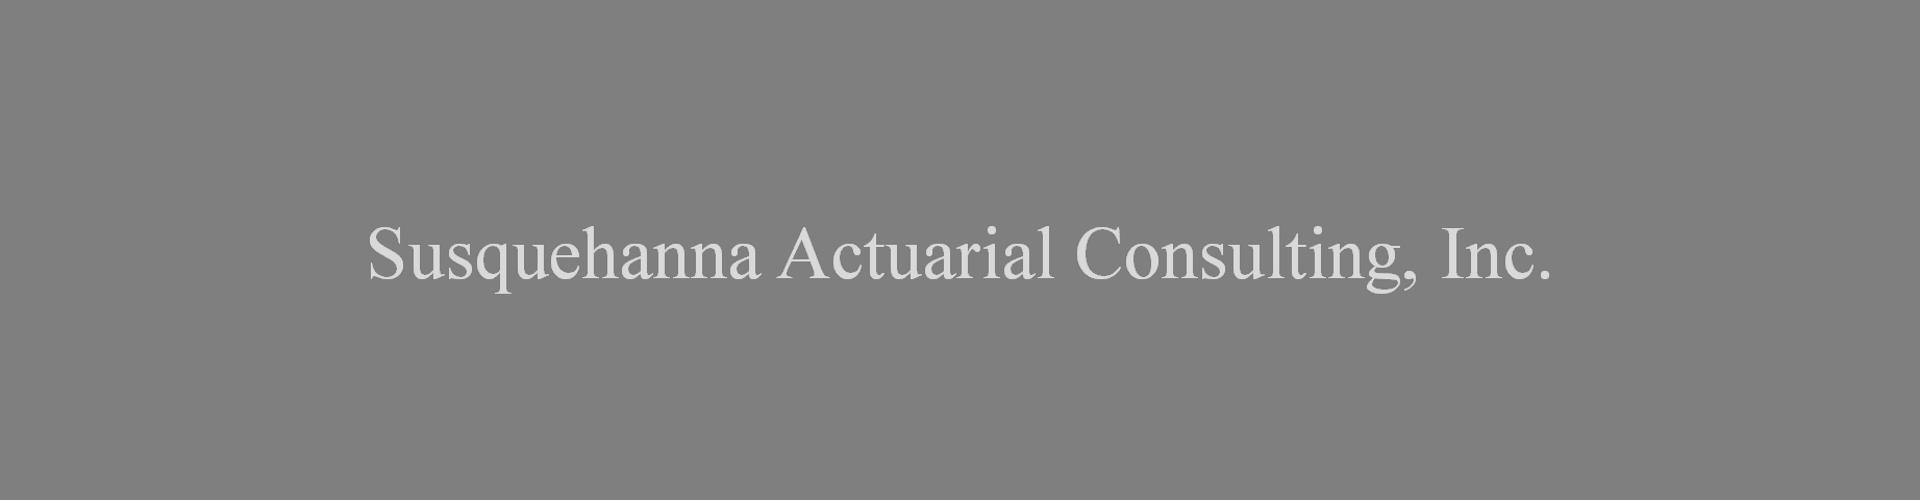 Susquehanna Actuarial Consulting Inc